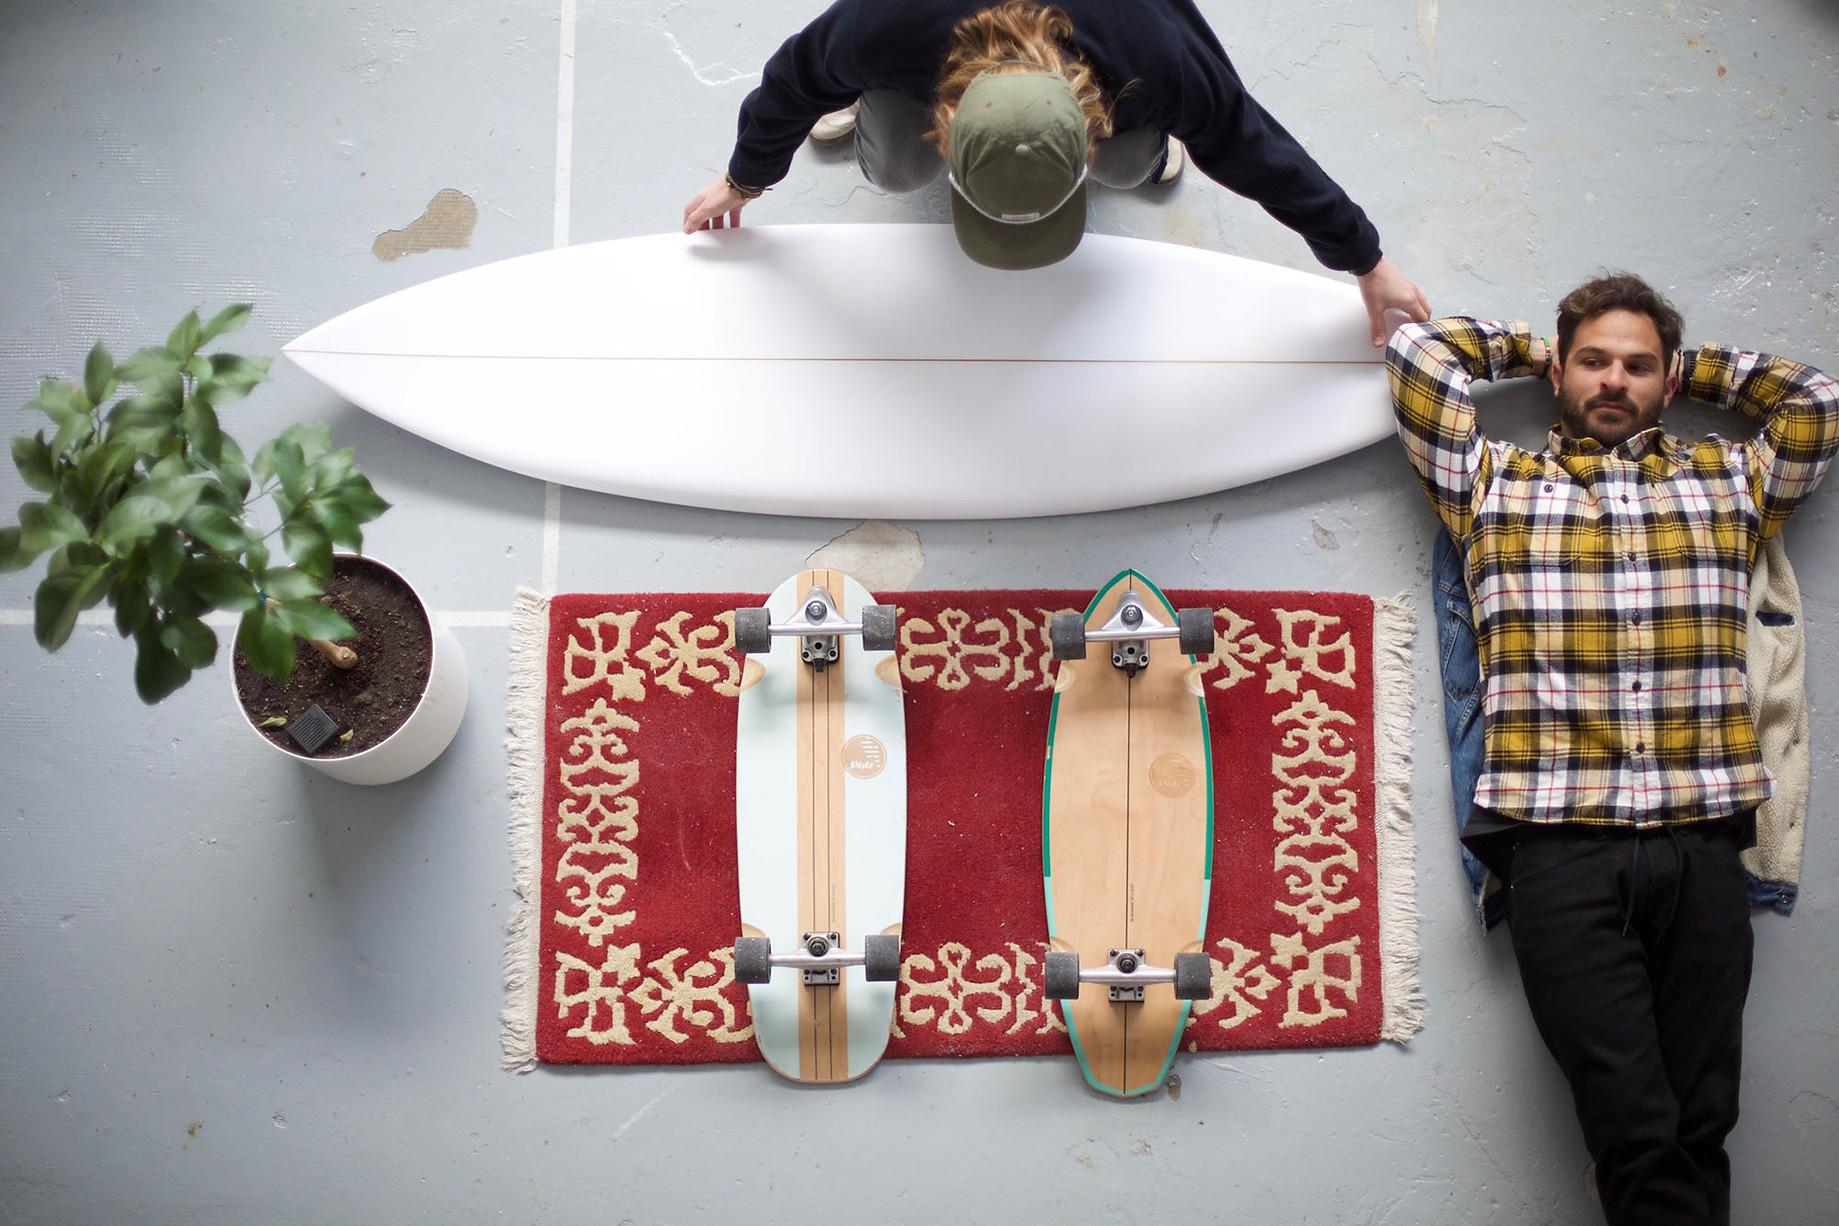 skates-surfskate-sancheski.jpg